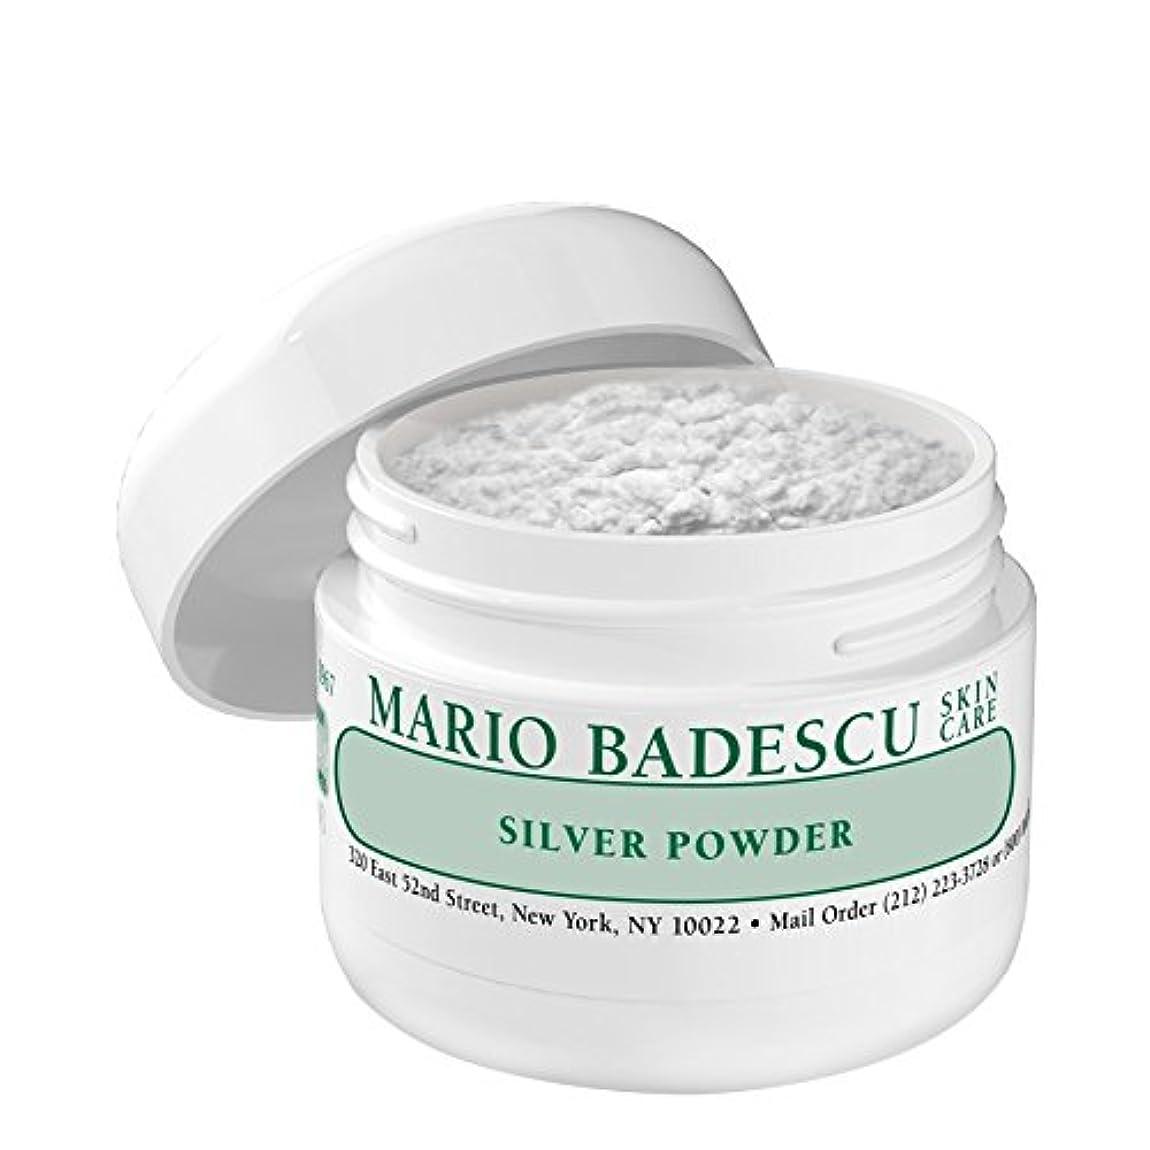 Mario Badescu Silver Powder - マリオ?バデスキュー銀粉末 [並行輸入品]